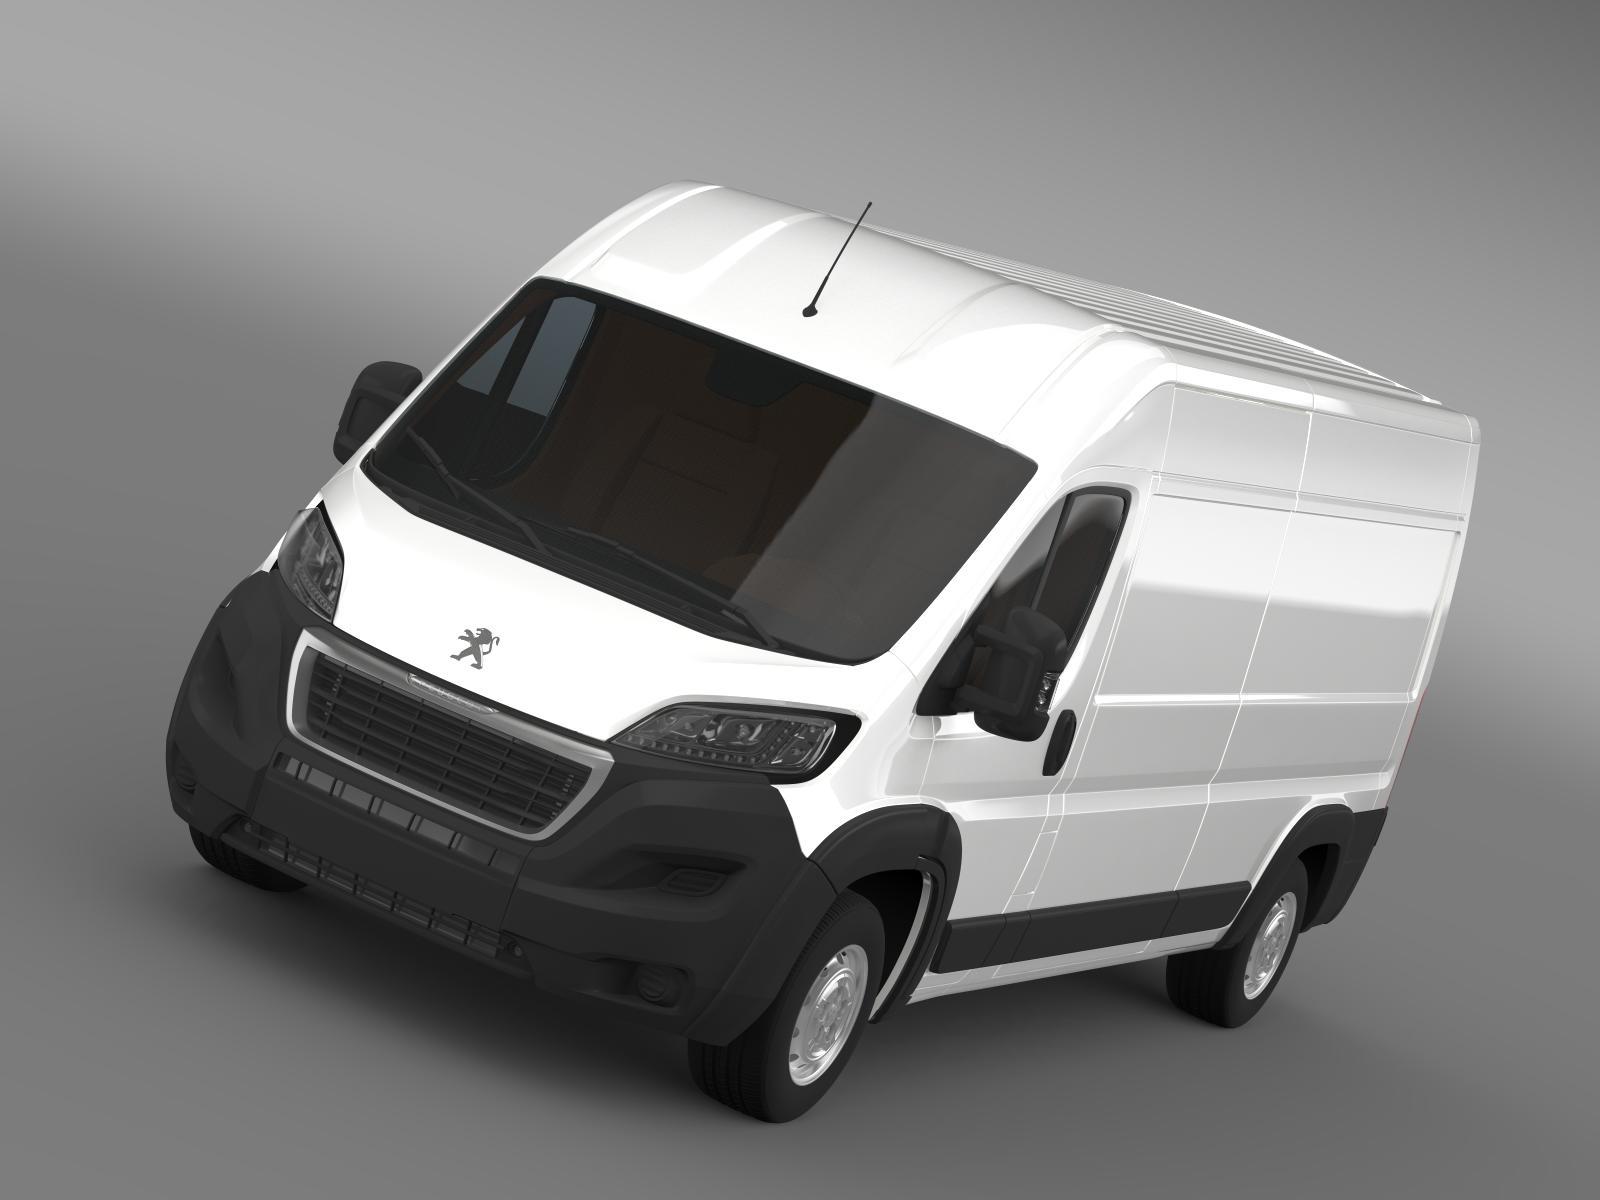 peugeot vadītājs furgon l3h2 2014 3d modelis 3ds max fbx c4d lwo ma mb hrc xsi obj 203157